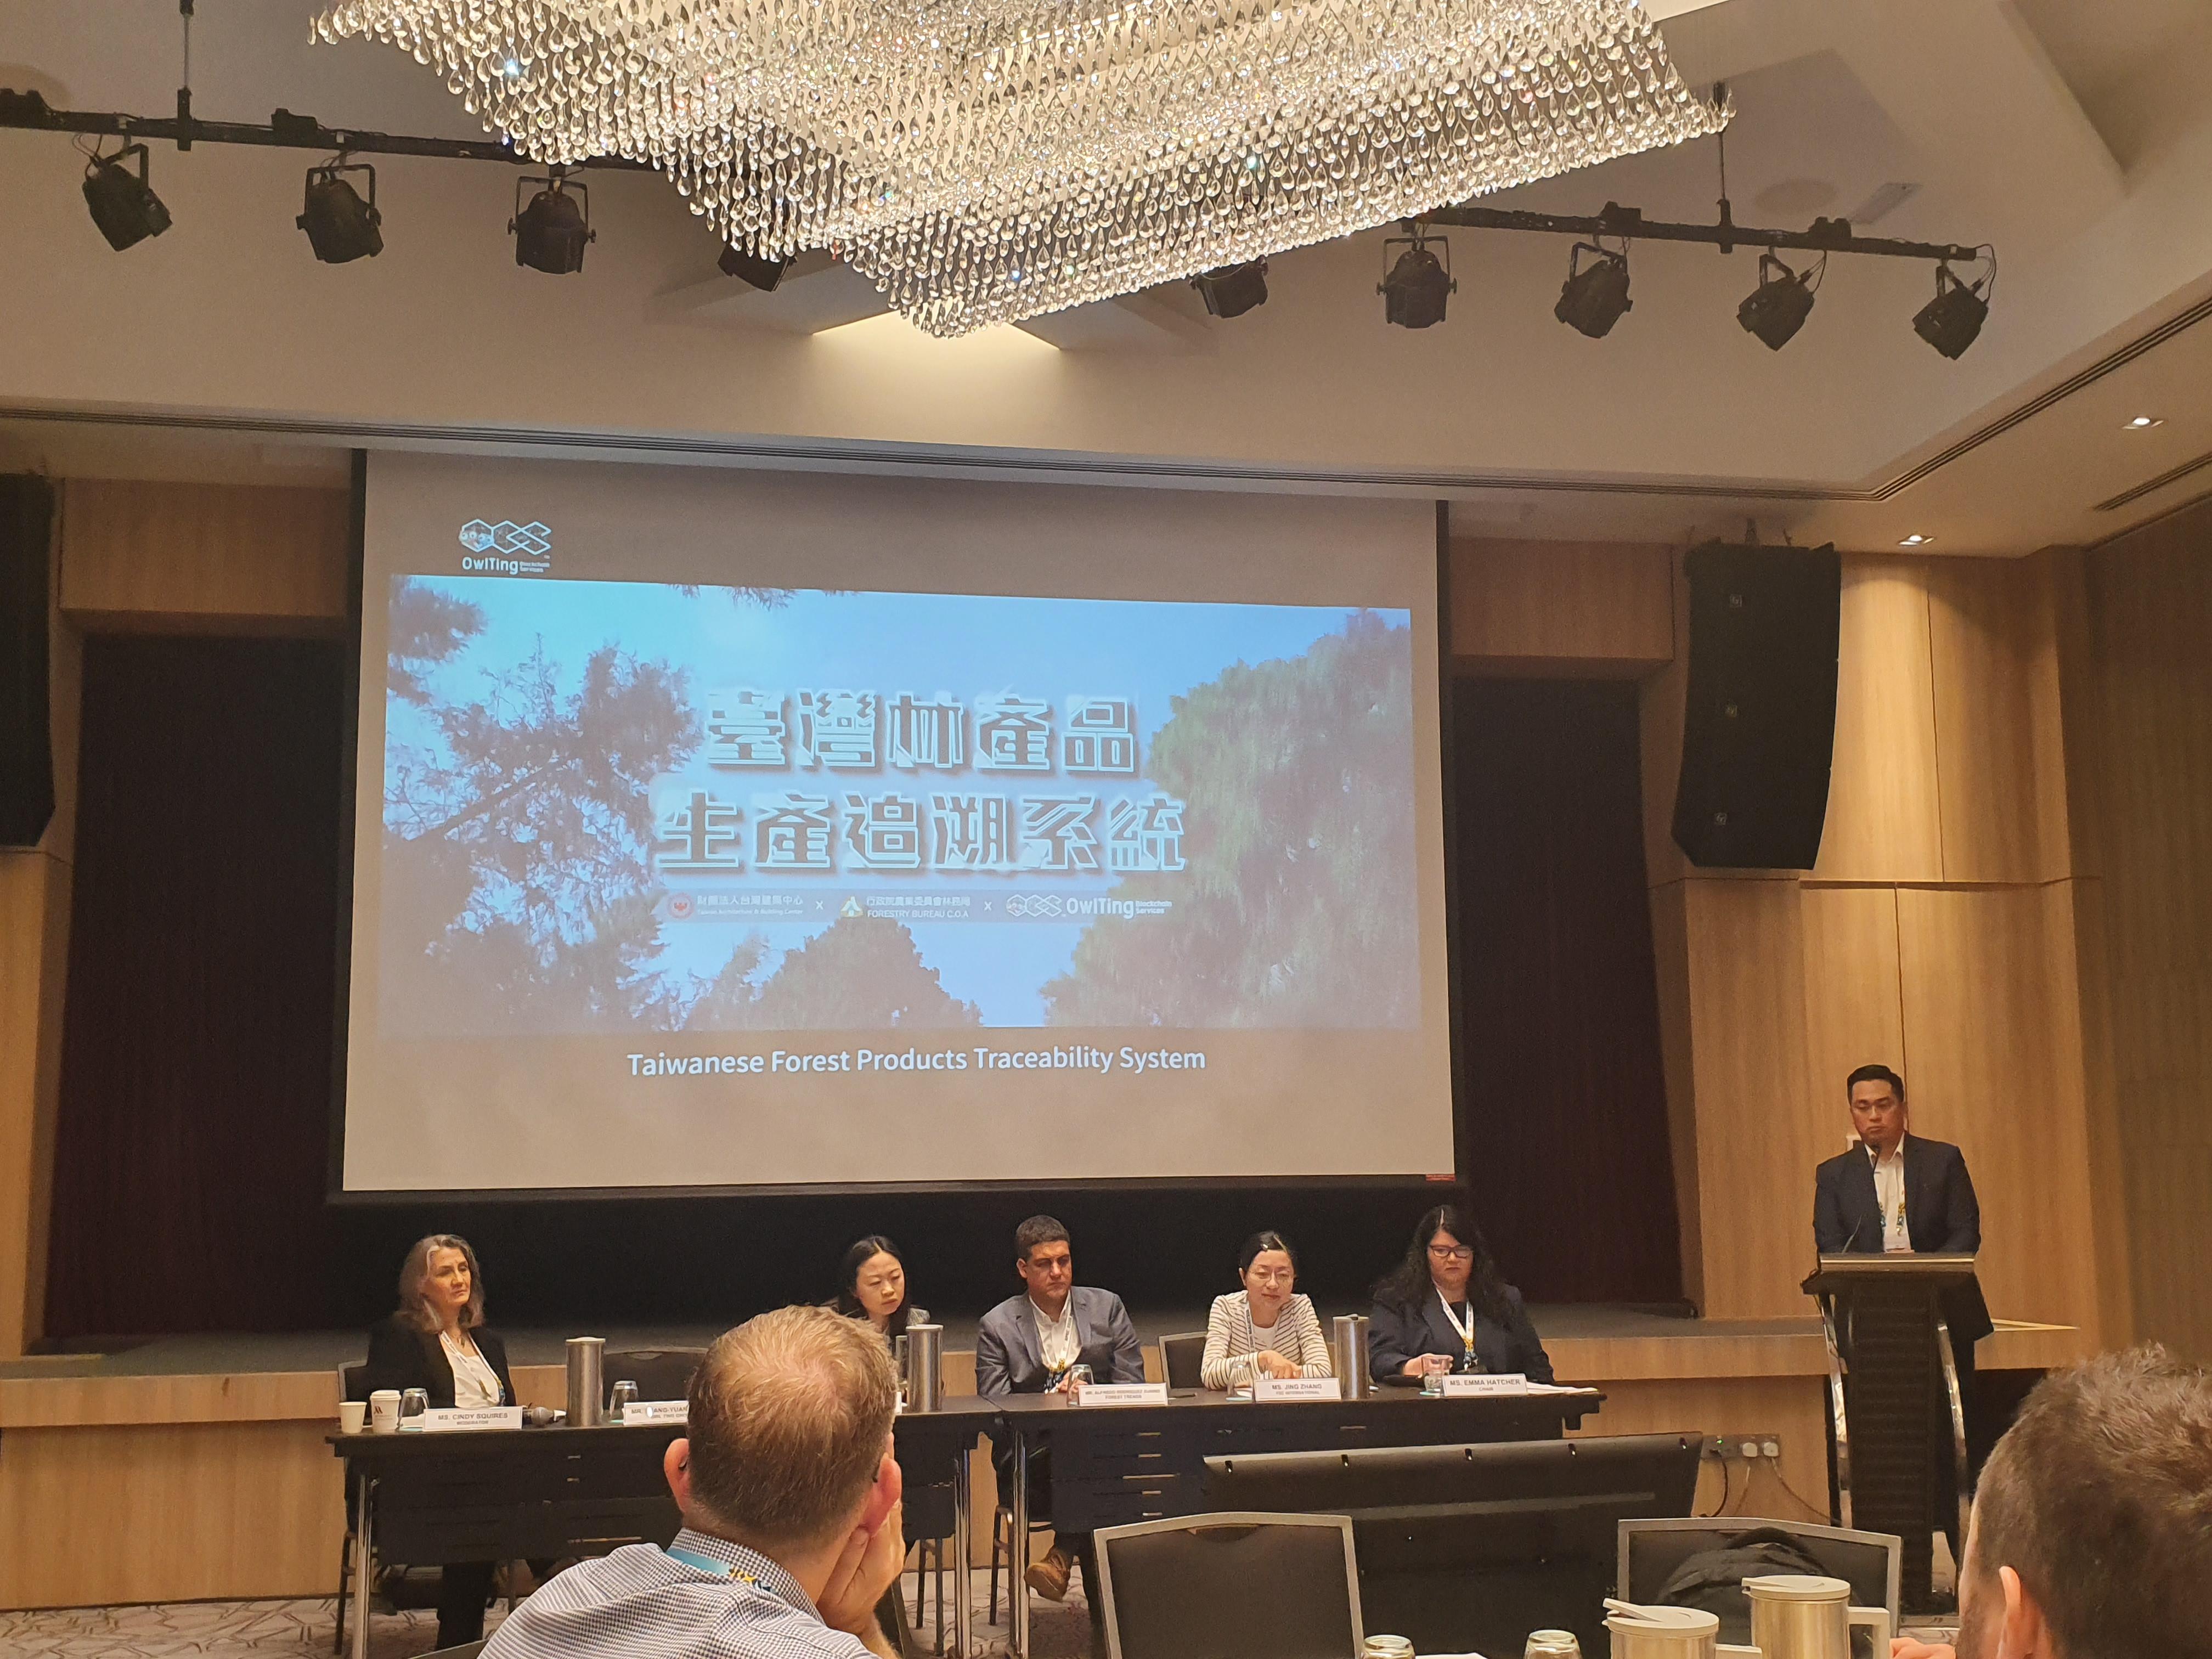 應用區塊鏈打擊非法木材交易 我國參與APEC工作小組會議獲國際肯定與迴響